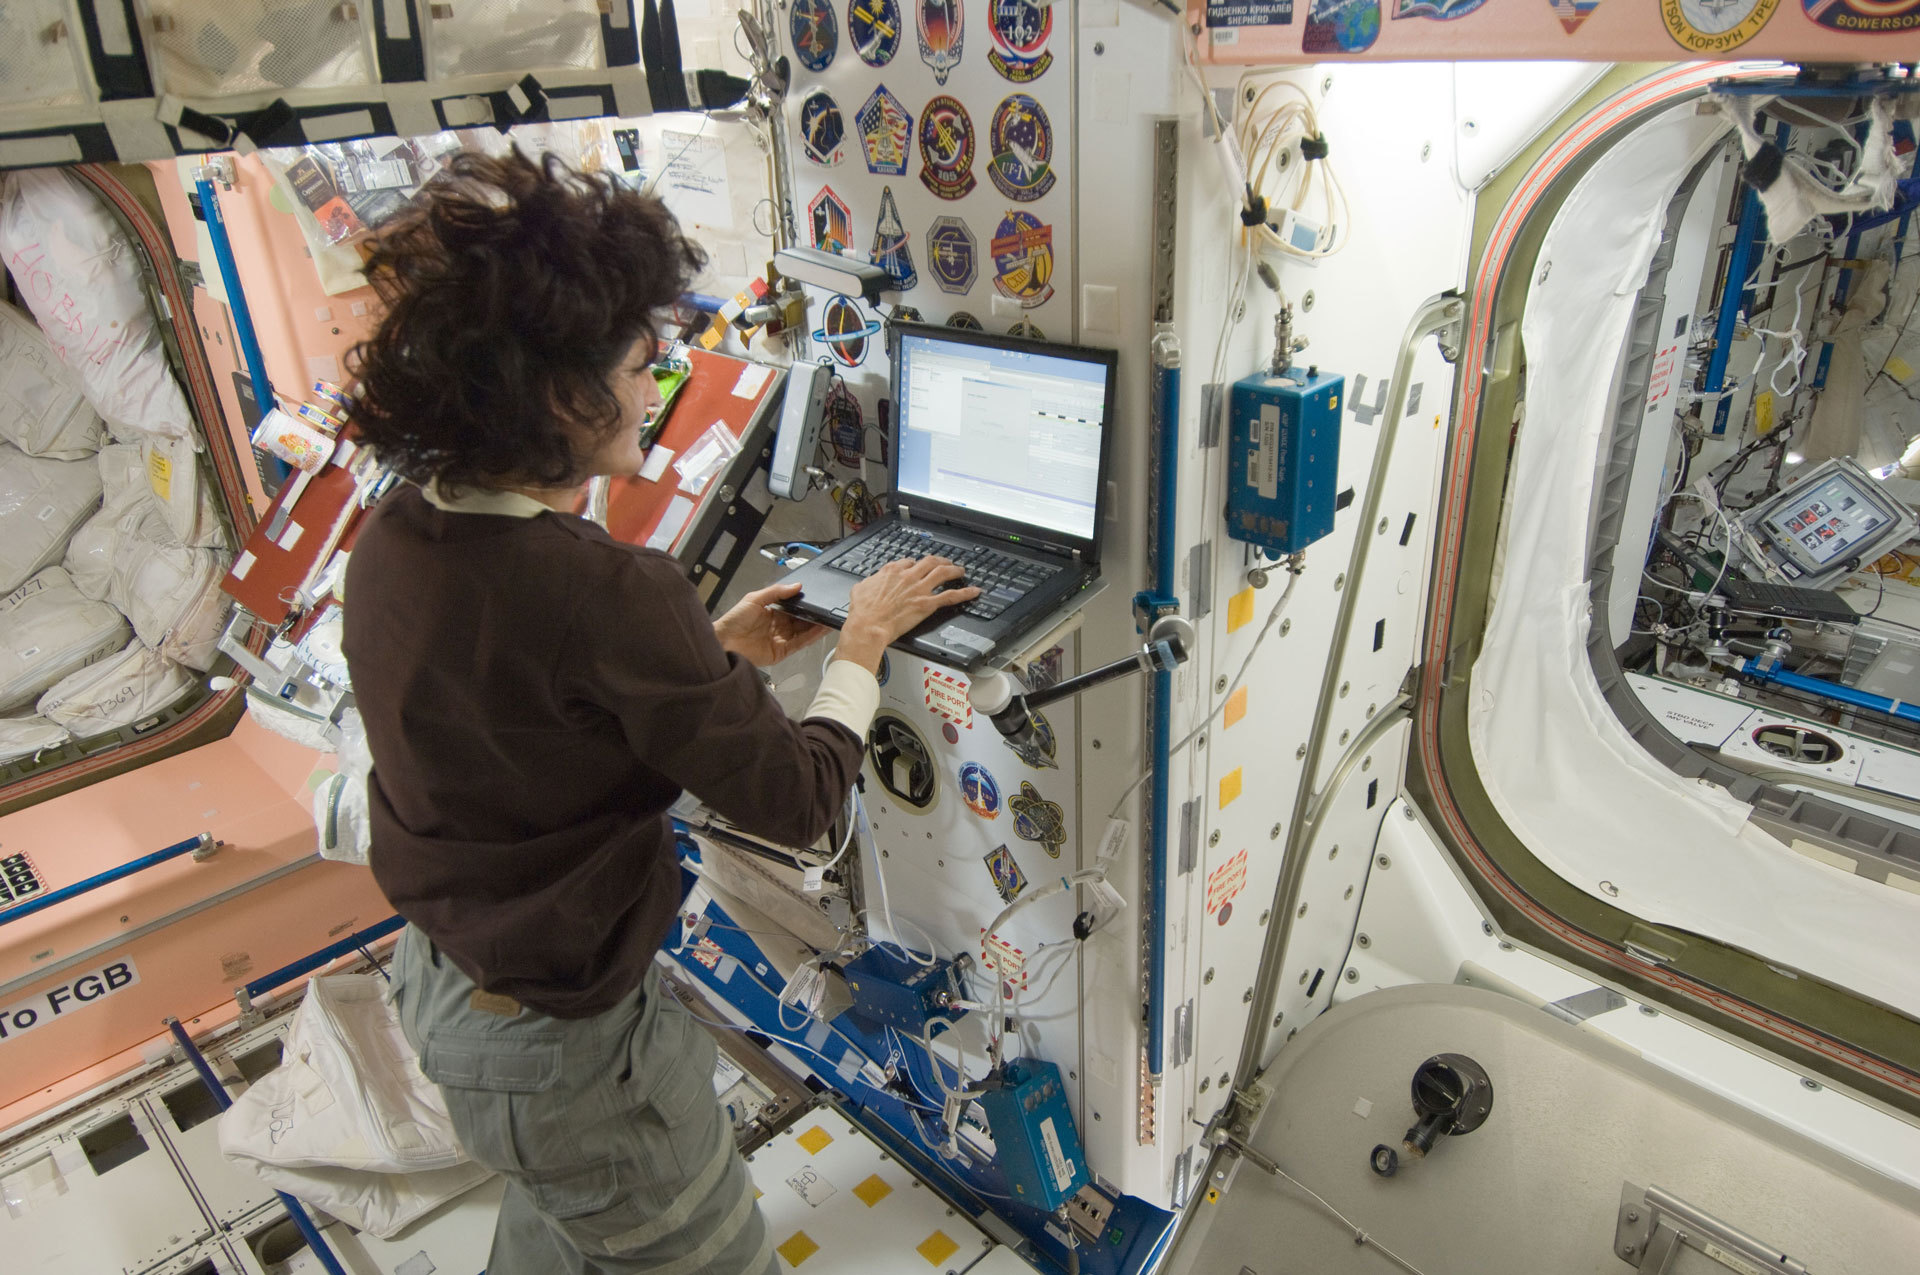 Что общего у компании Crossover, космонавтики и NASA? - 6